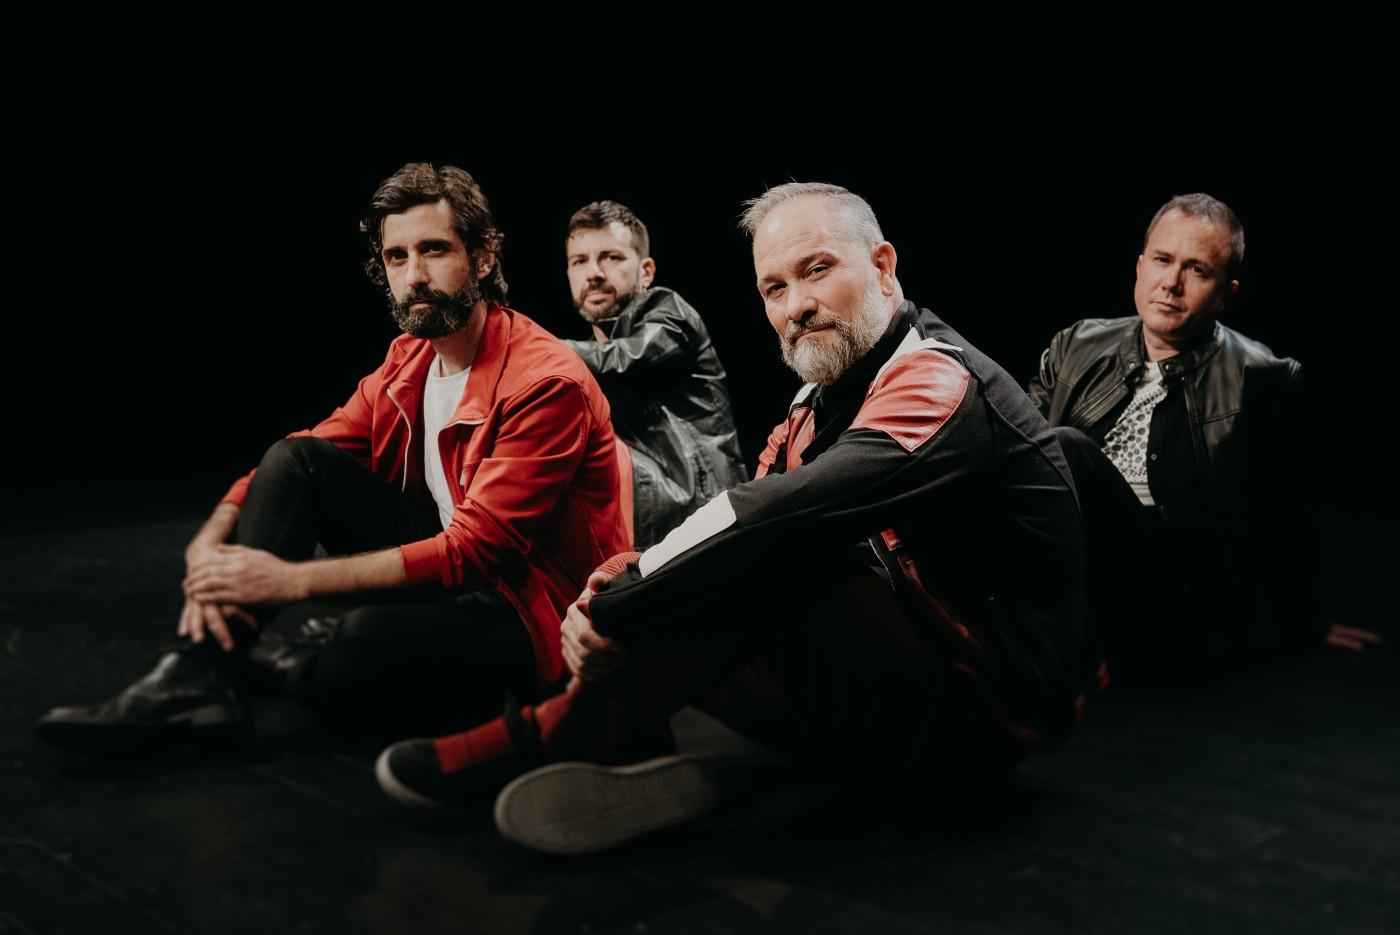 In Materia, nuevo videoclip con 'Huir no sé'